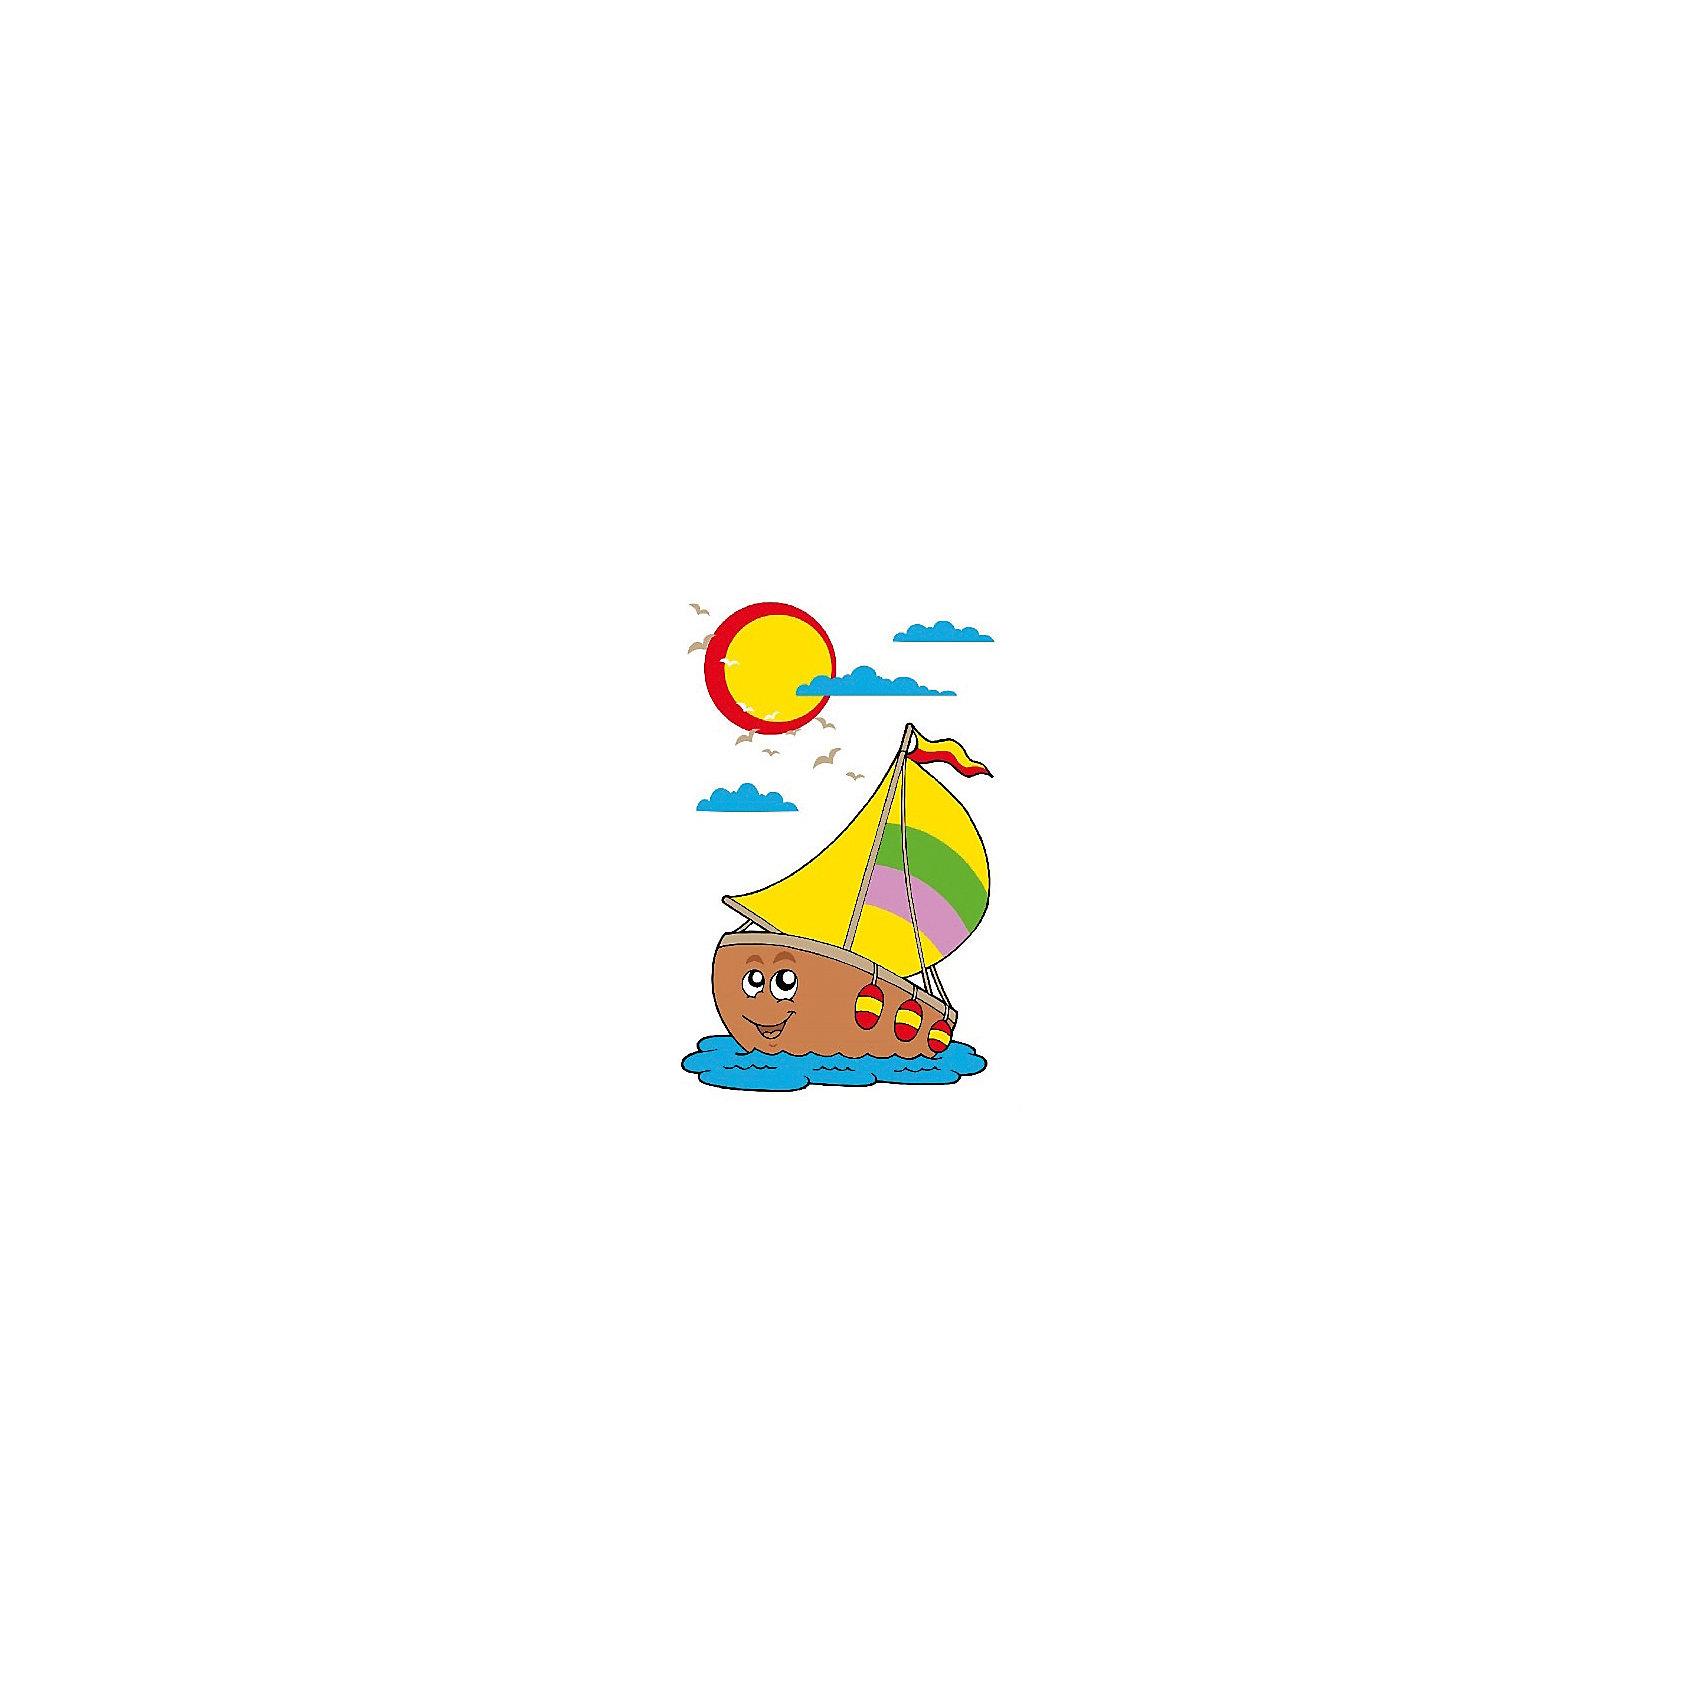 Набор юного художника Веселый парусник, 20*30 смДетские картины с раскраской по номерам размером 20*30. На деревянном подрамнике, с прогрунтованным холстом и  нанесенными контурами картины, с указанием цвета закраски, акриловыми красками, 3 кисточками и креплением на стену. Уровень сложности, количество красок указаны на коробке.<br><br>Ширина мм: 300<br>Глубина мм: 200<br>Высота мм: 30<br>Вес г: 330<br>Возраст от месяцев: 60<br>Возраст до месяцев: 108<br>Пол: Унисекс<br>Возраст: Детский<br>SKU: 5417659